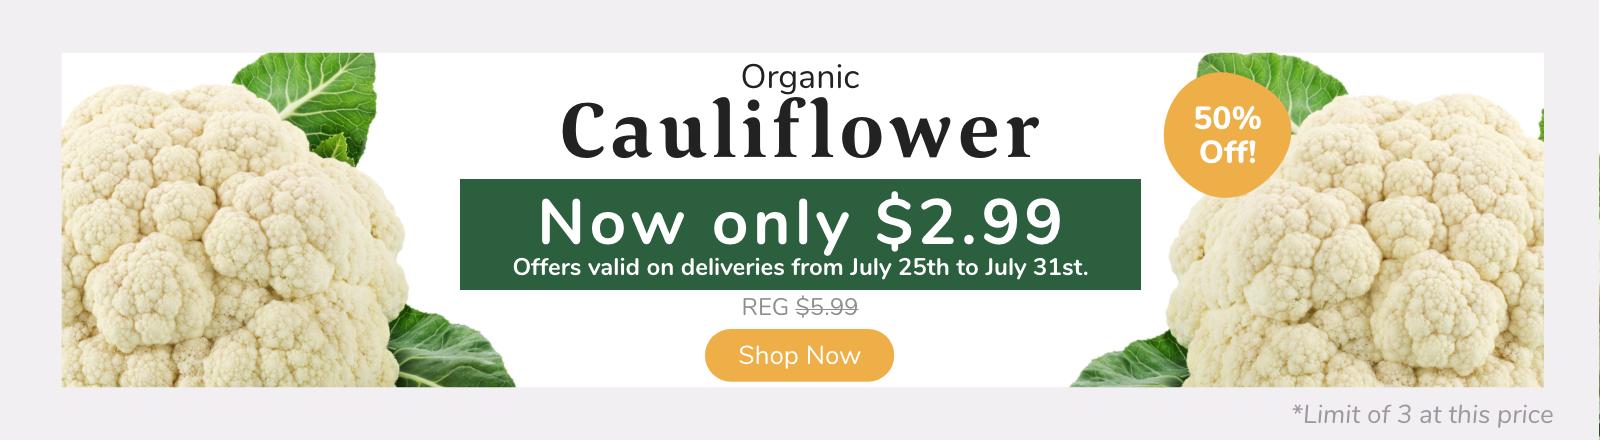 Organic Cauliflower $2.99